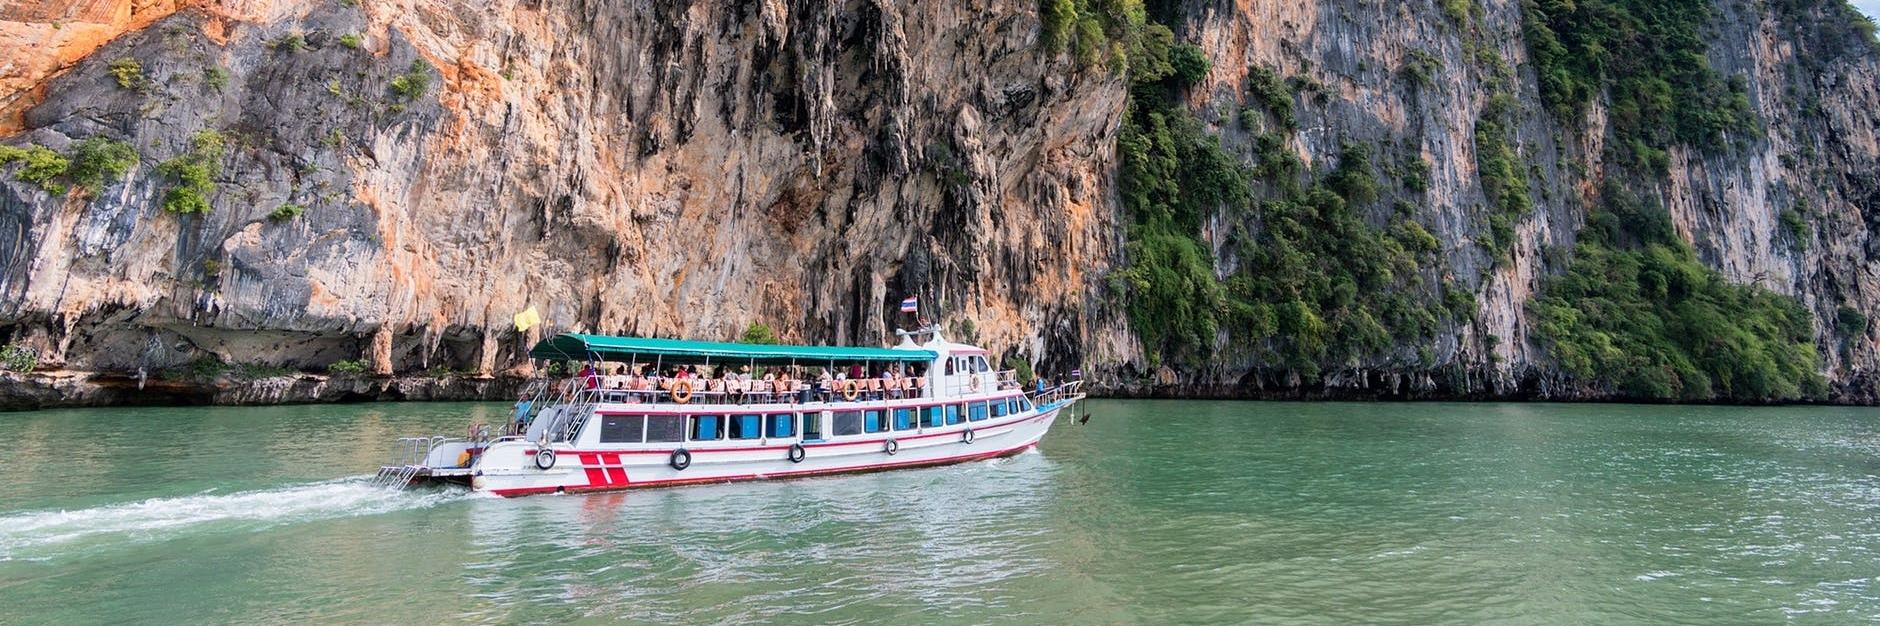 https://gody.vn/blog/letruong9782/post/vinh-bien-noi-tieng-o-thai-lan-tiep-tuc-dong-cua-lieu-co-the-cuu-van-cac-tai-nguyen-tu-nhien-3520